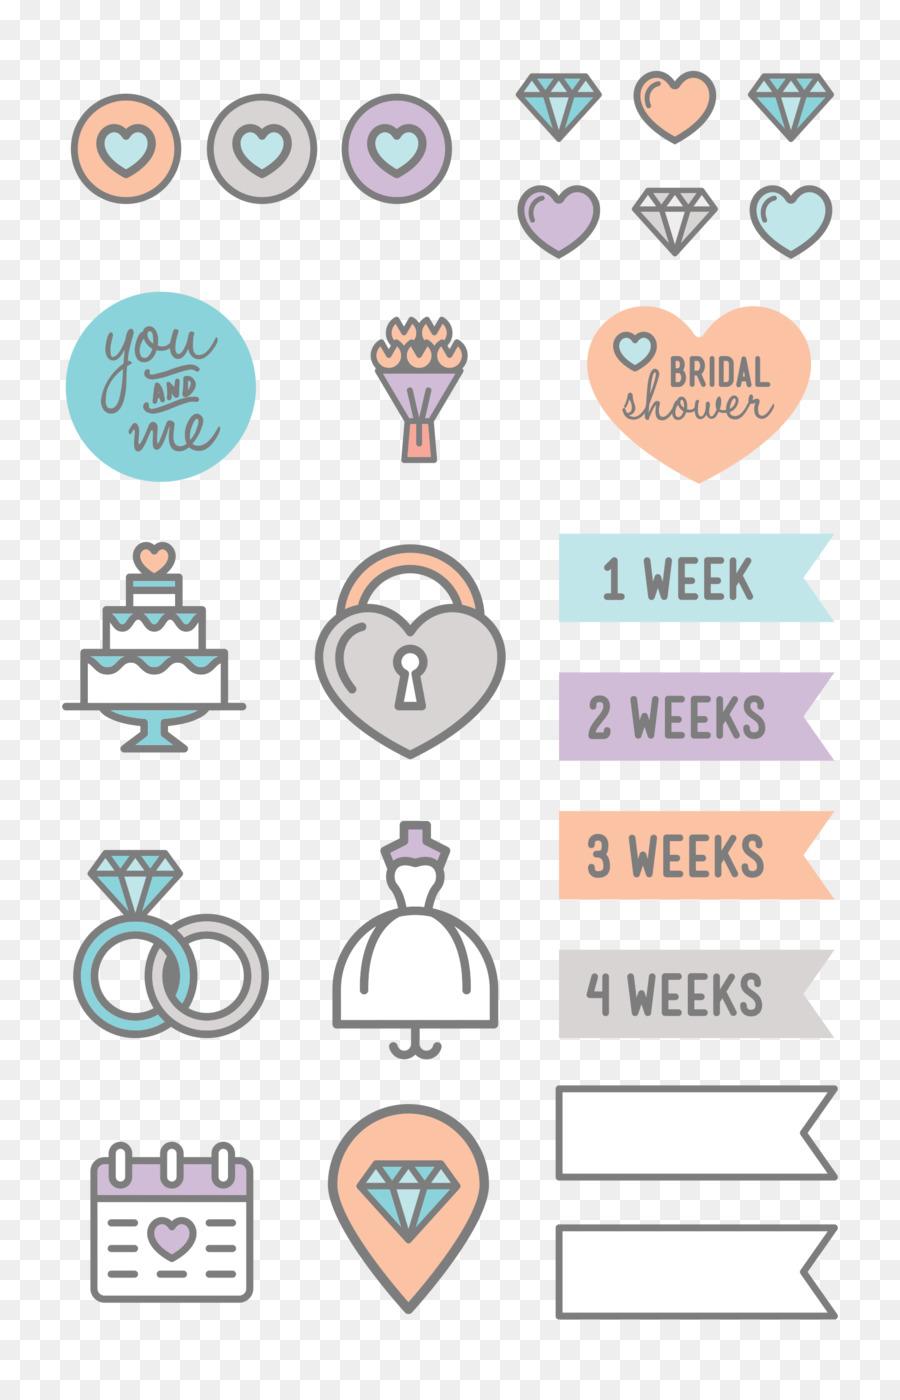 wedding invitation sticker wedding planner label wedding poster